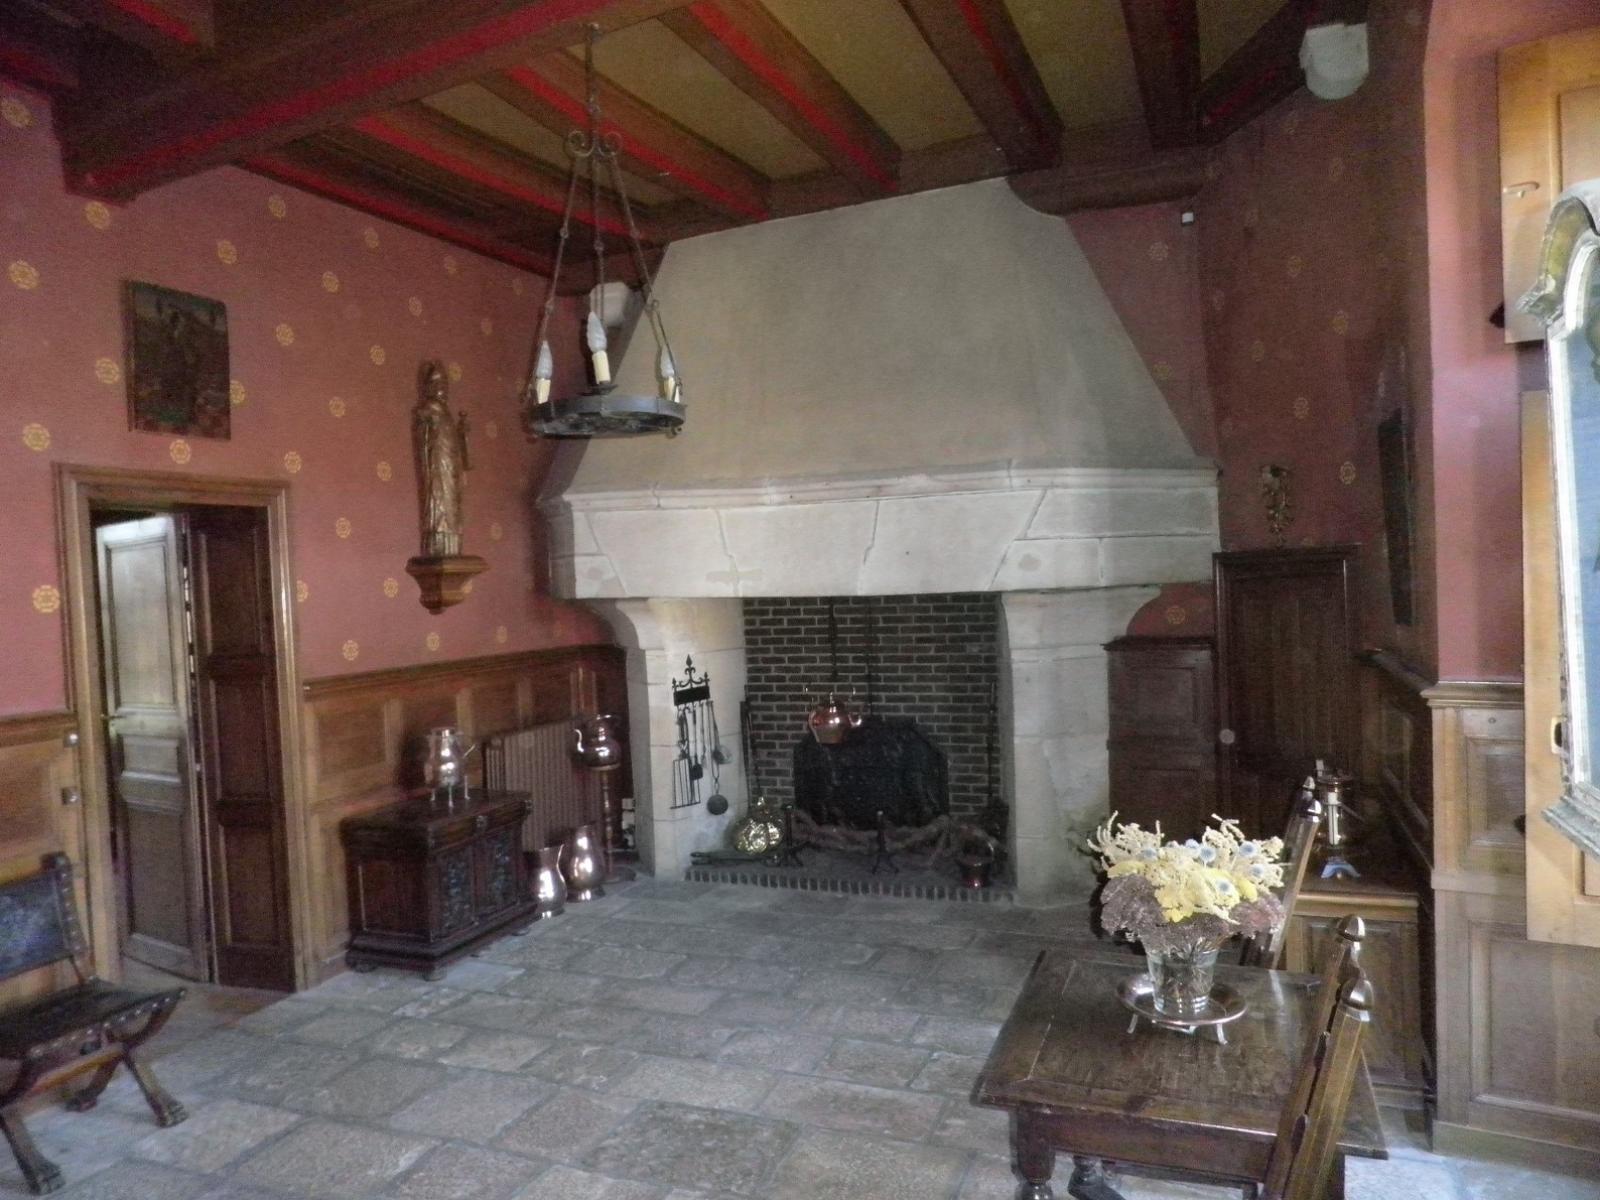 Ancienne cuisine (XIVe siècle)